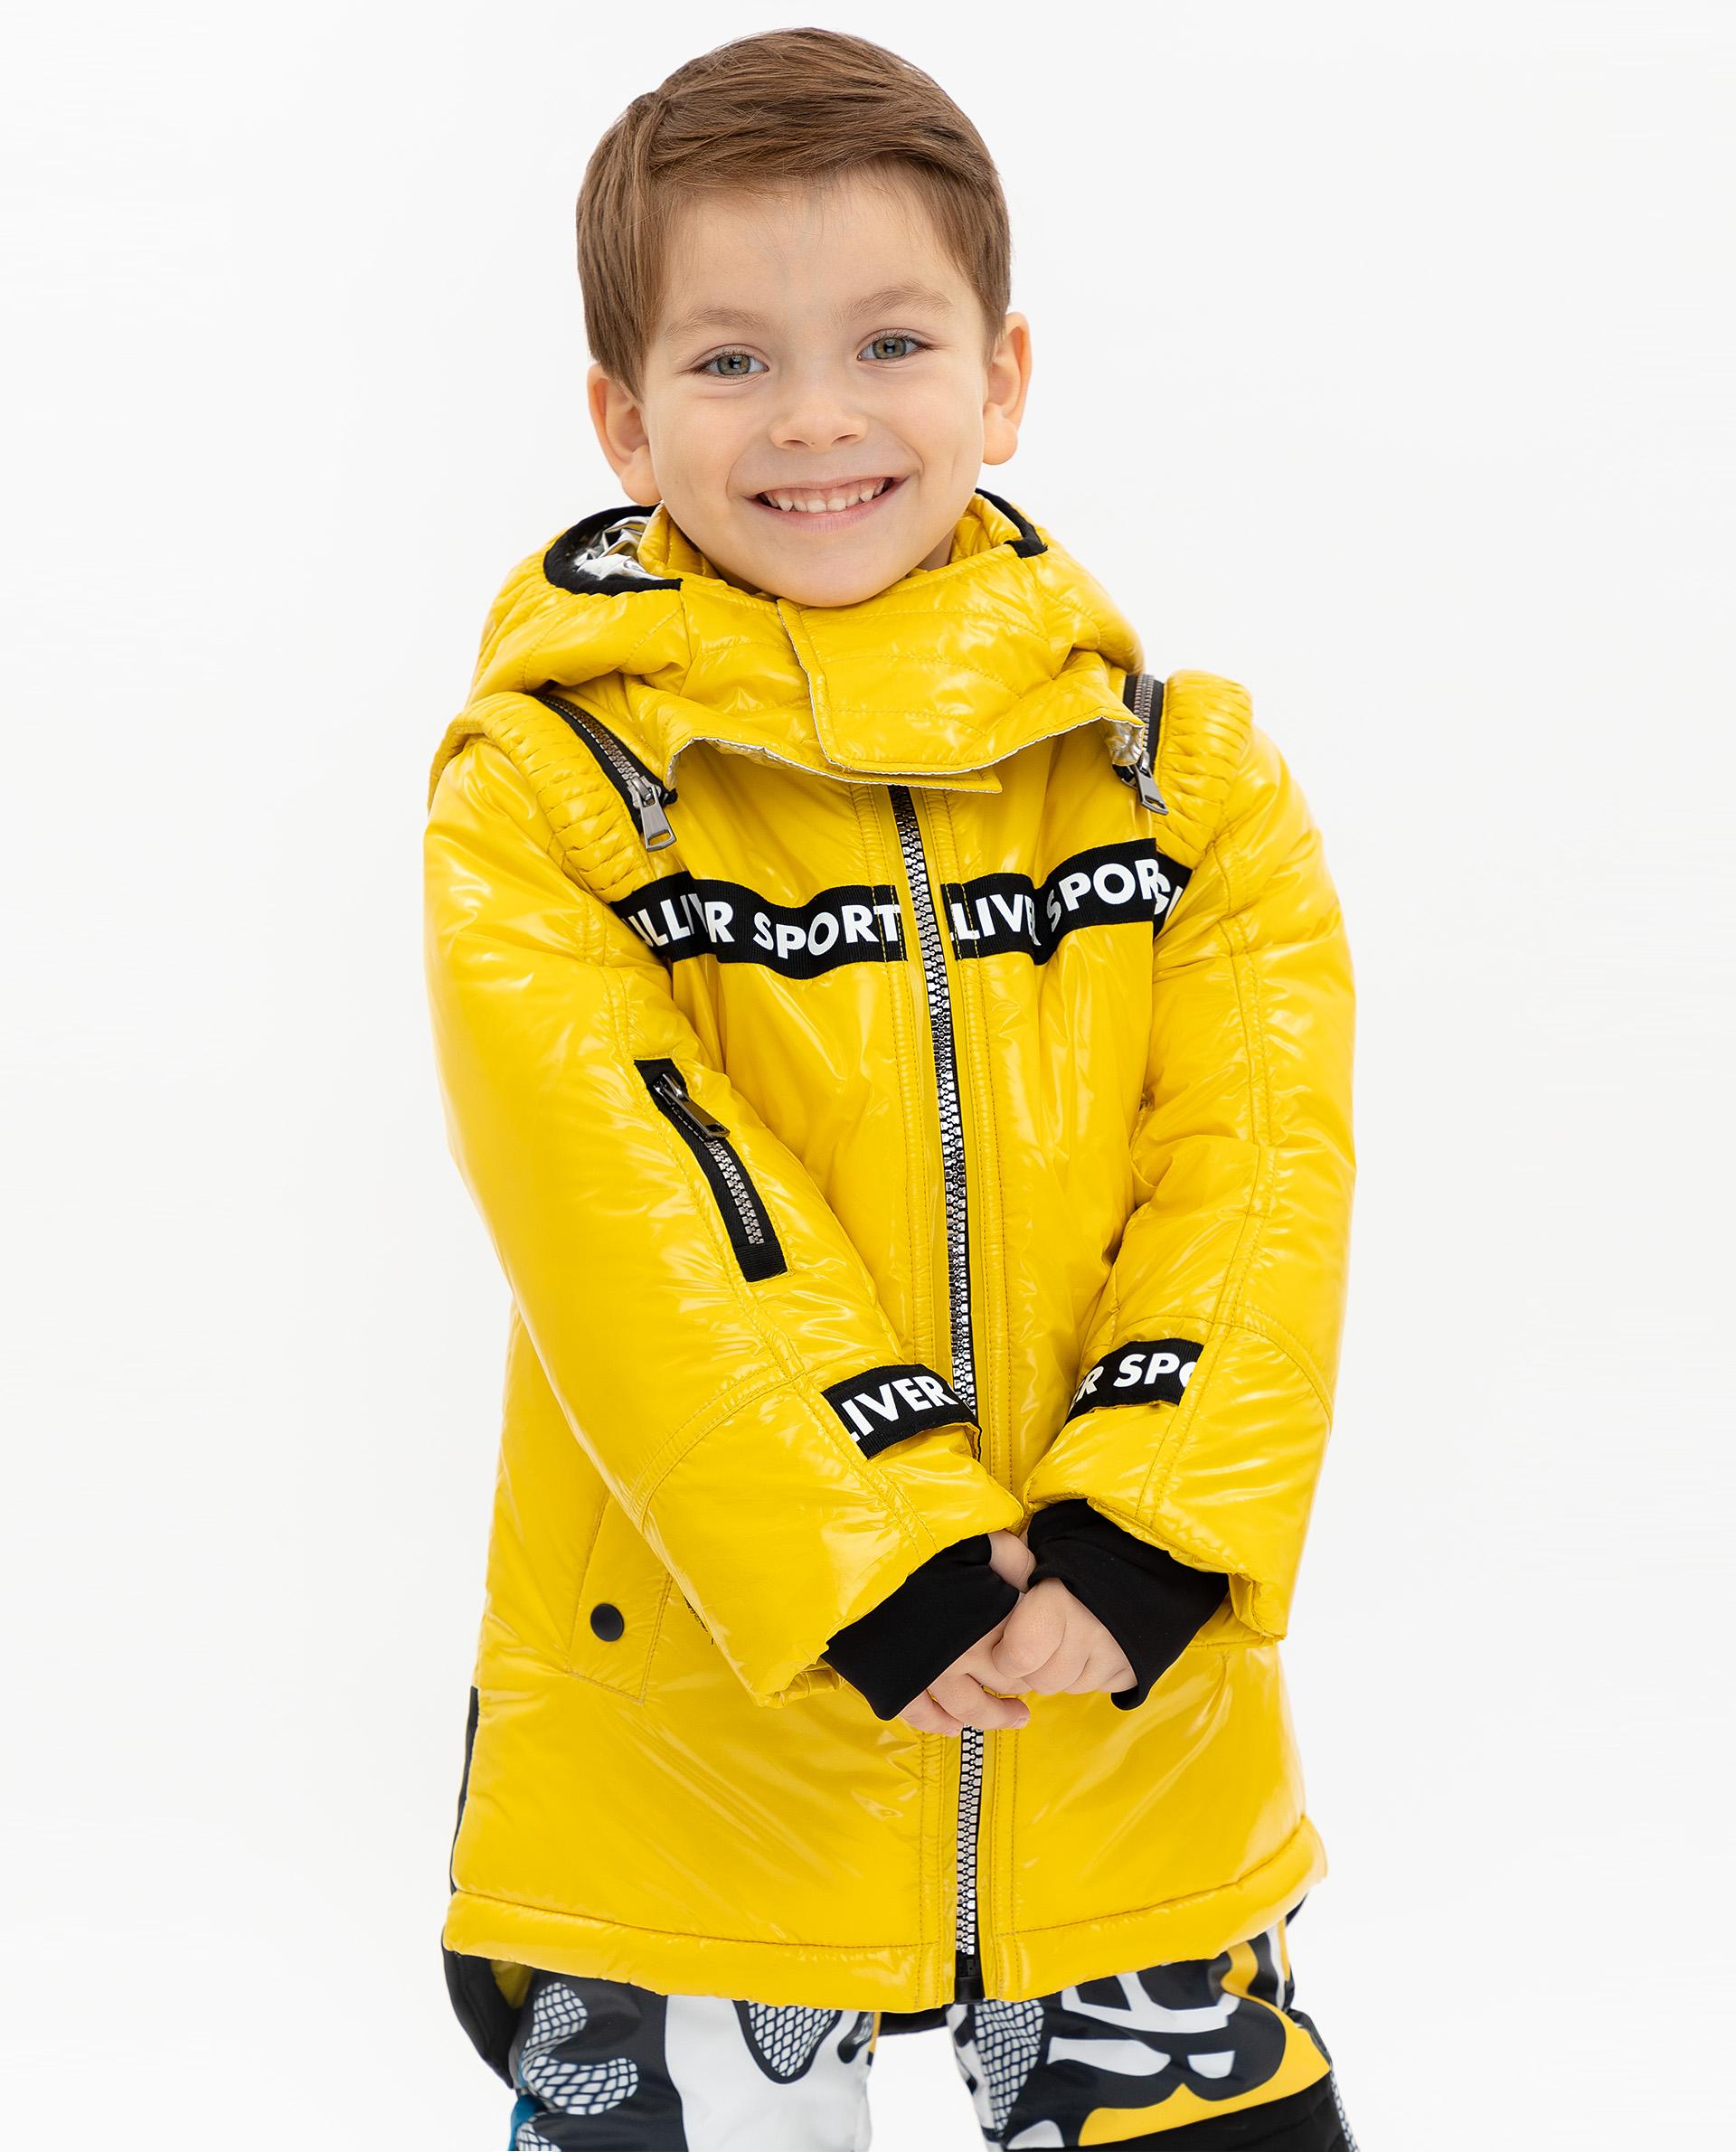 Купить 219FBC4104, Удлиненная зимняя куртка Gulliver, желтый, 164, Мужской, ОСЕНЬ/ЗИМА 2019-2020 (shop: GulliverMarket Gulliver Market)